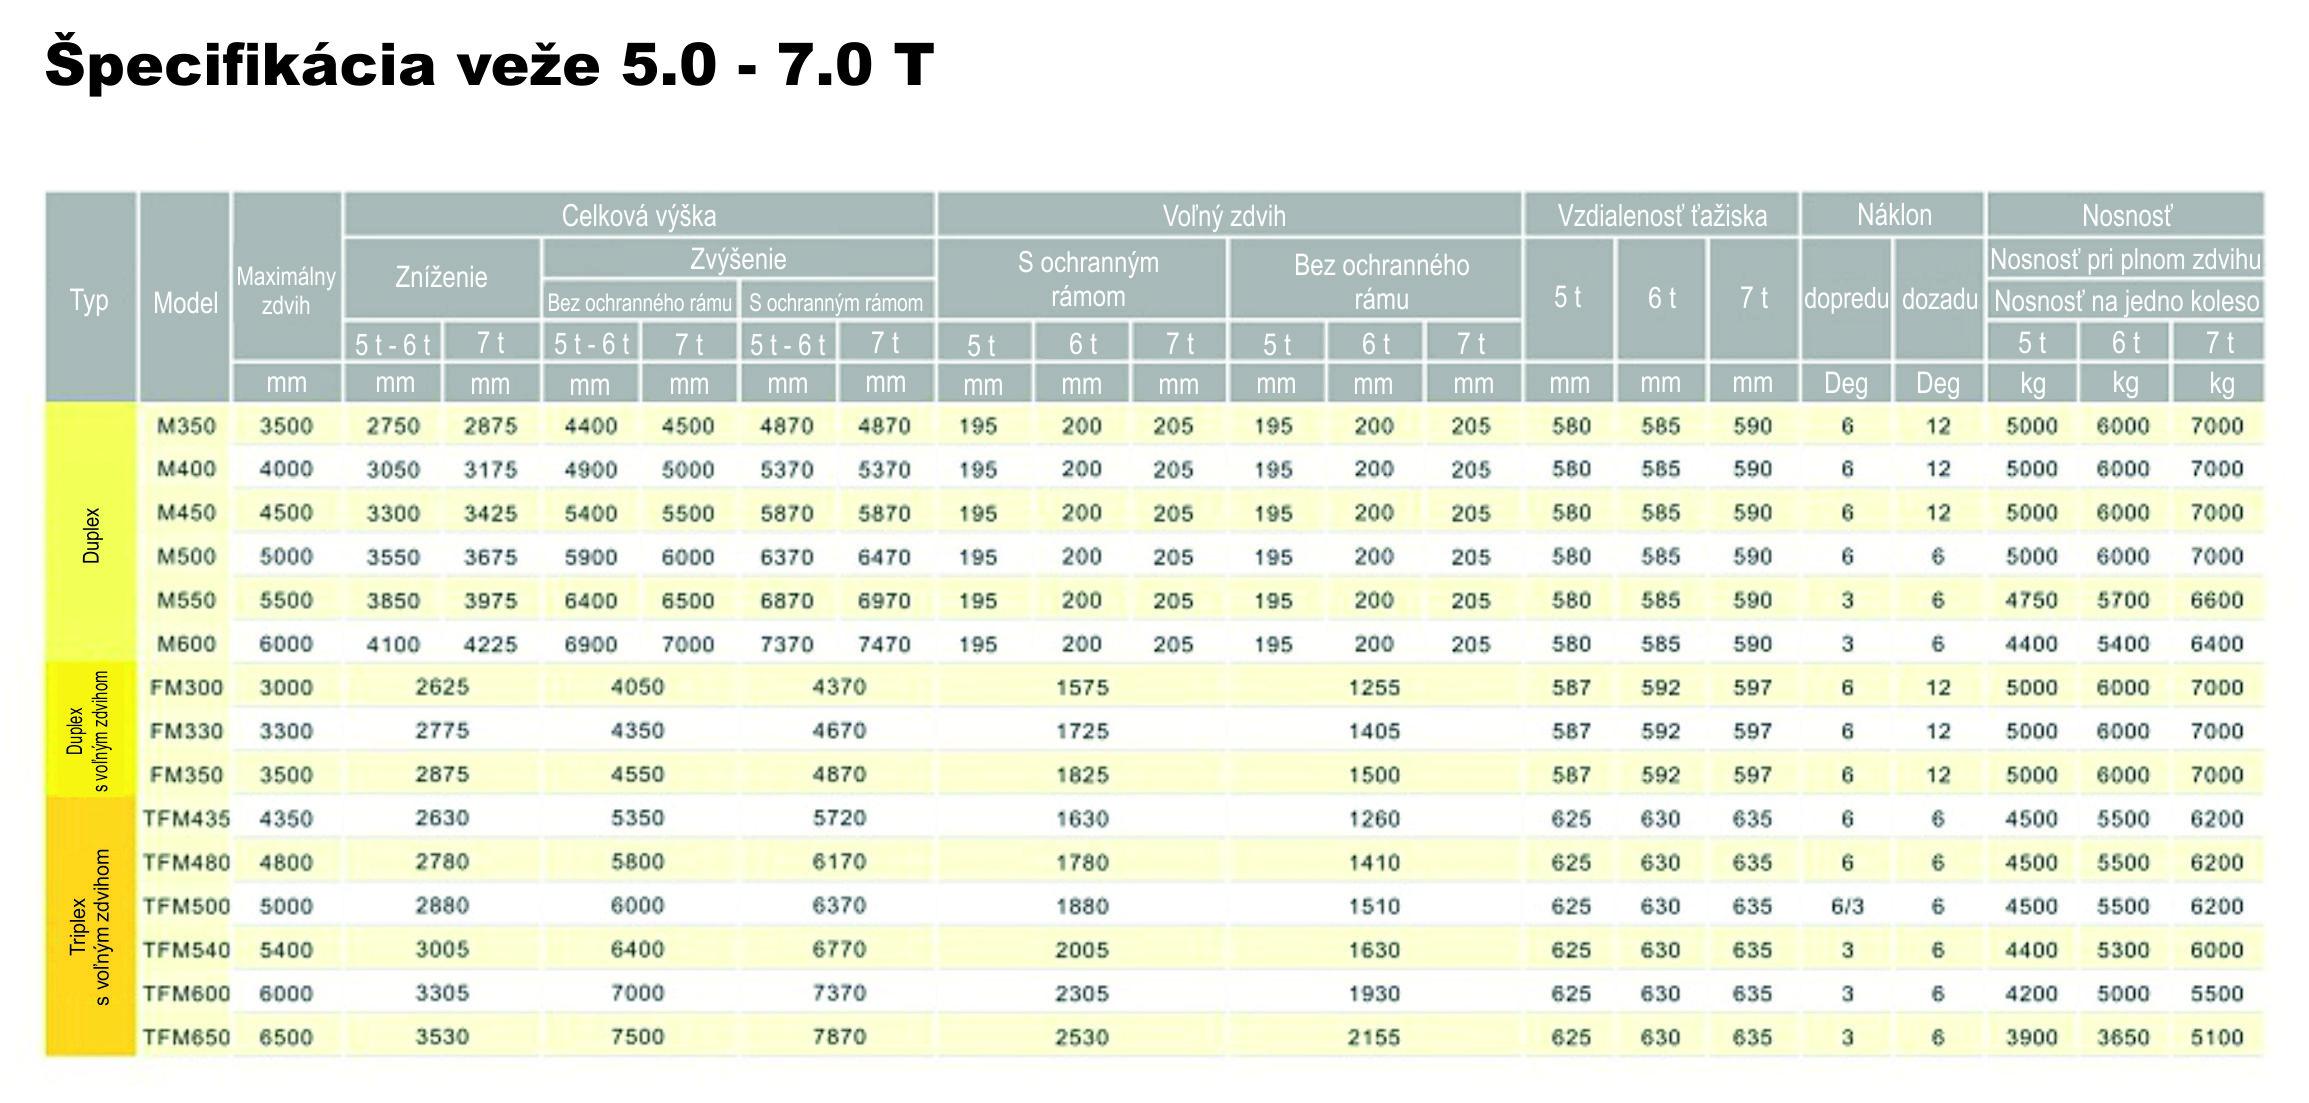 Špecifikácia veže_diesel_5.0 - 7.0 T